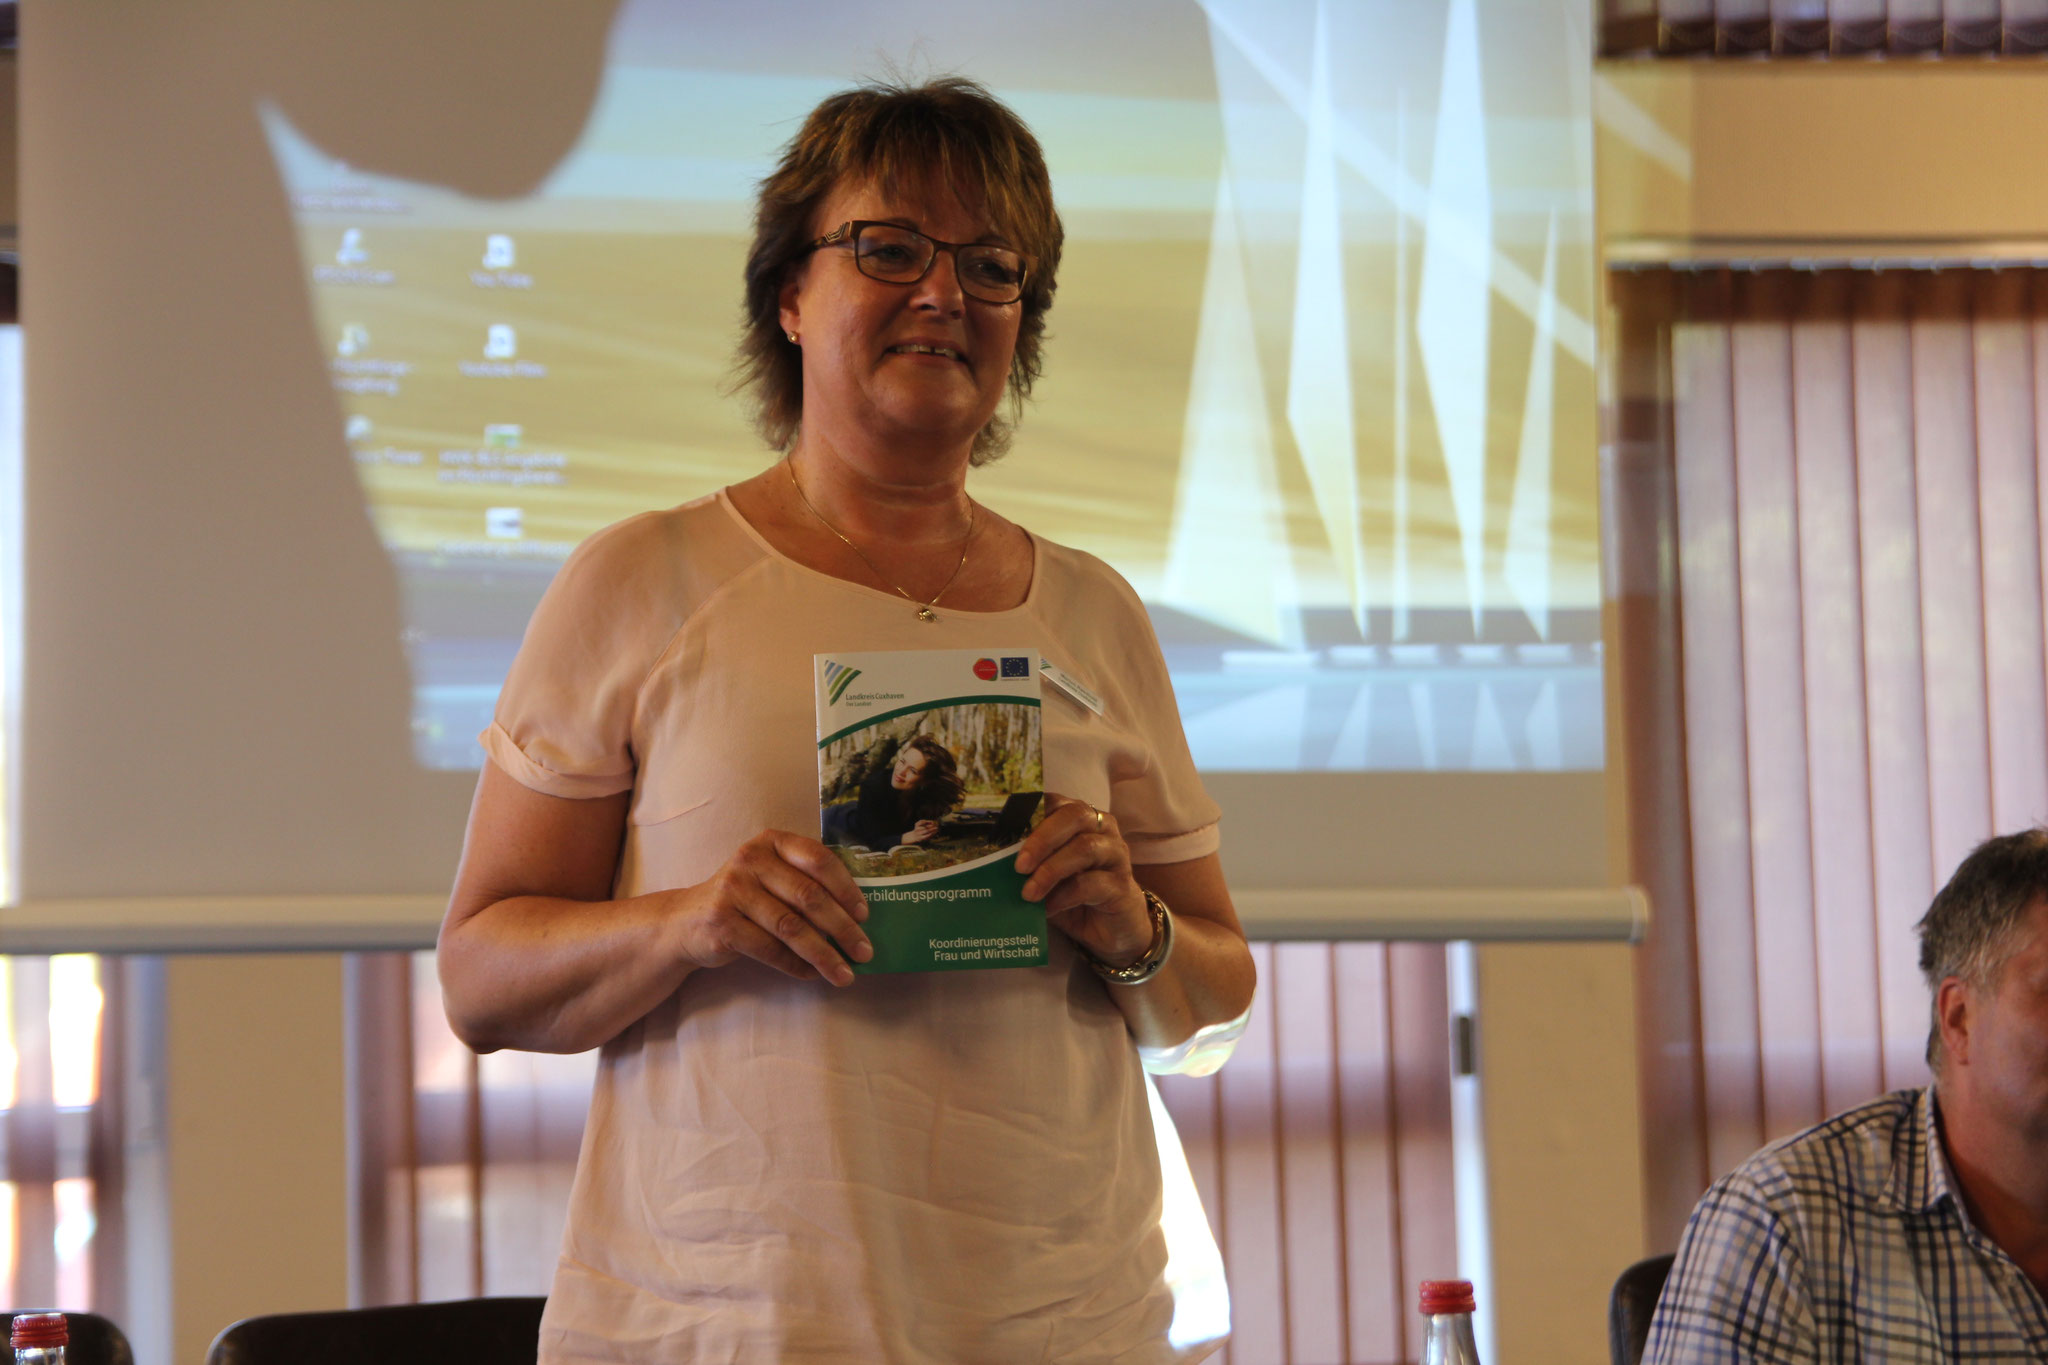 Frau Reinhold, Agentur für Wirtschaftsförderung - Koordinierungsstelle Frau und Wirtschaft